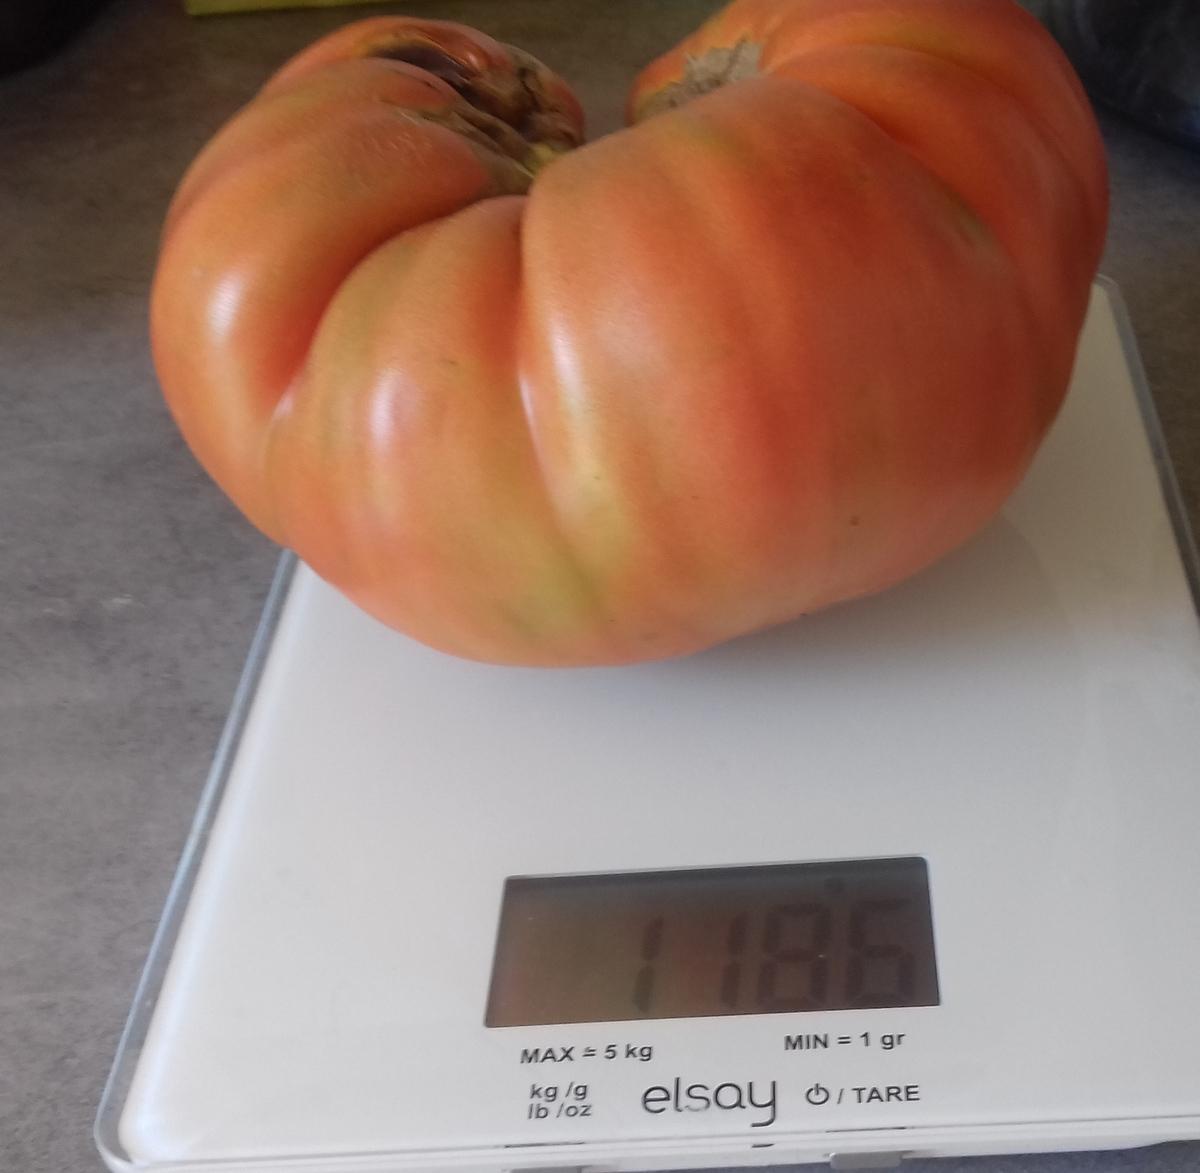 Ars-en-Ré - Tomate de Robert Héraudeau - 4 septembre 2018